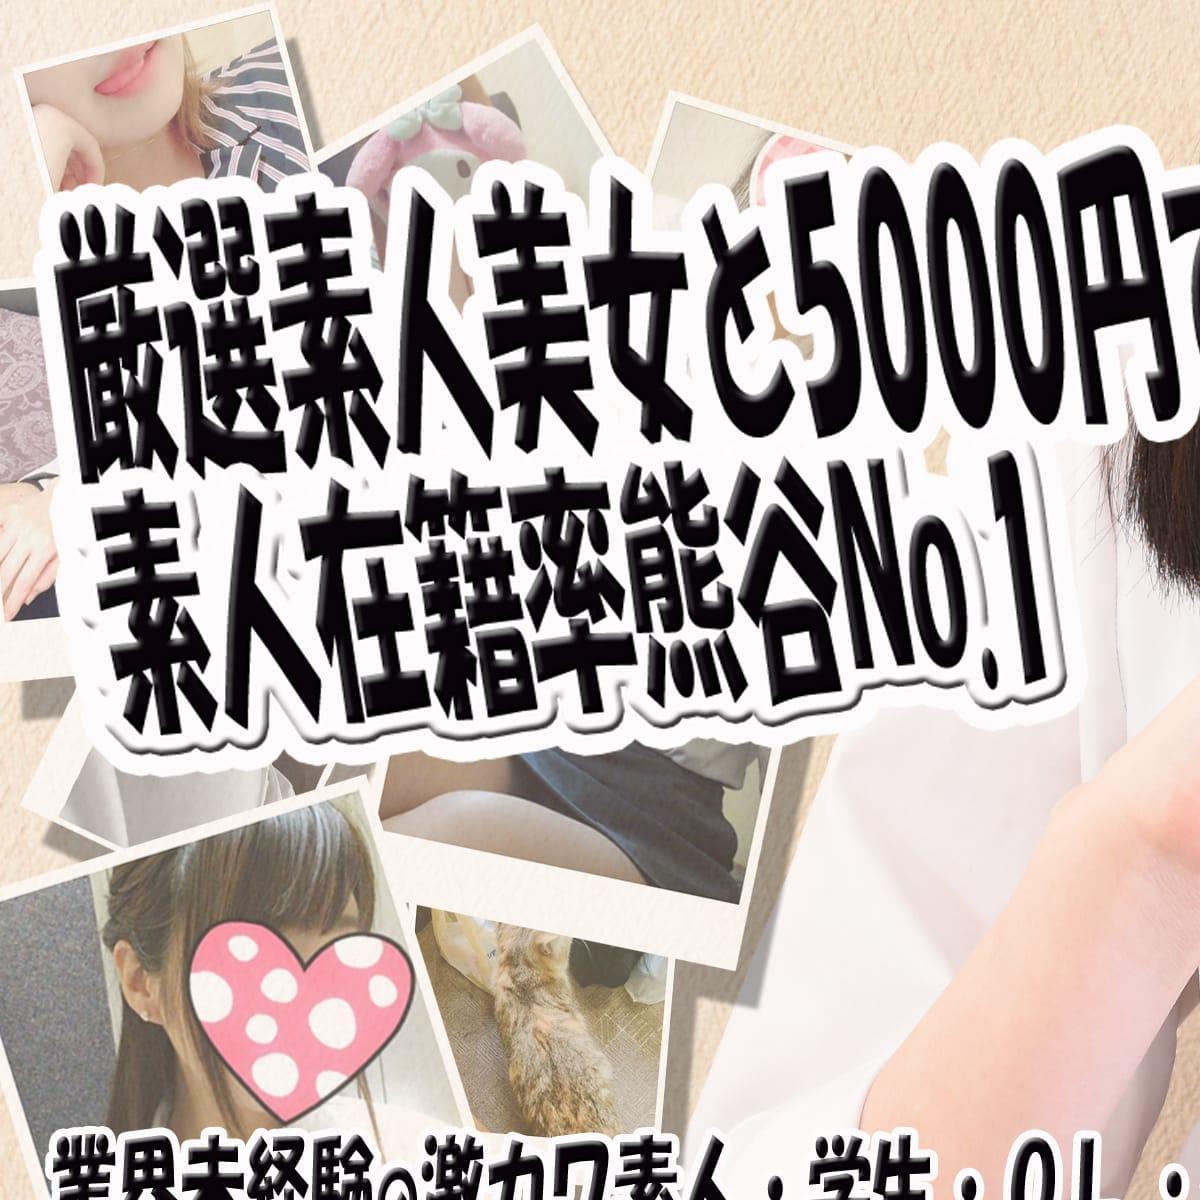 ハイレベル女子手こき専門店!